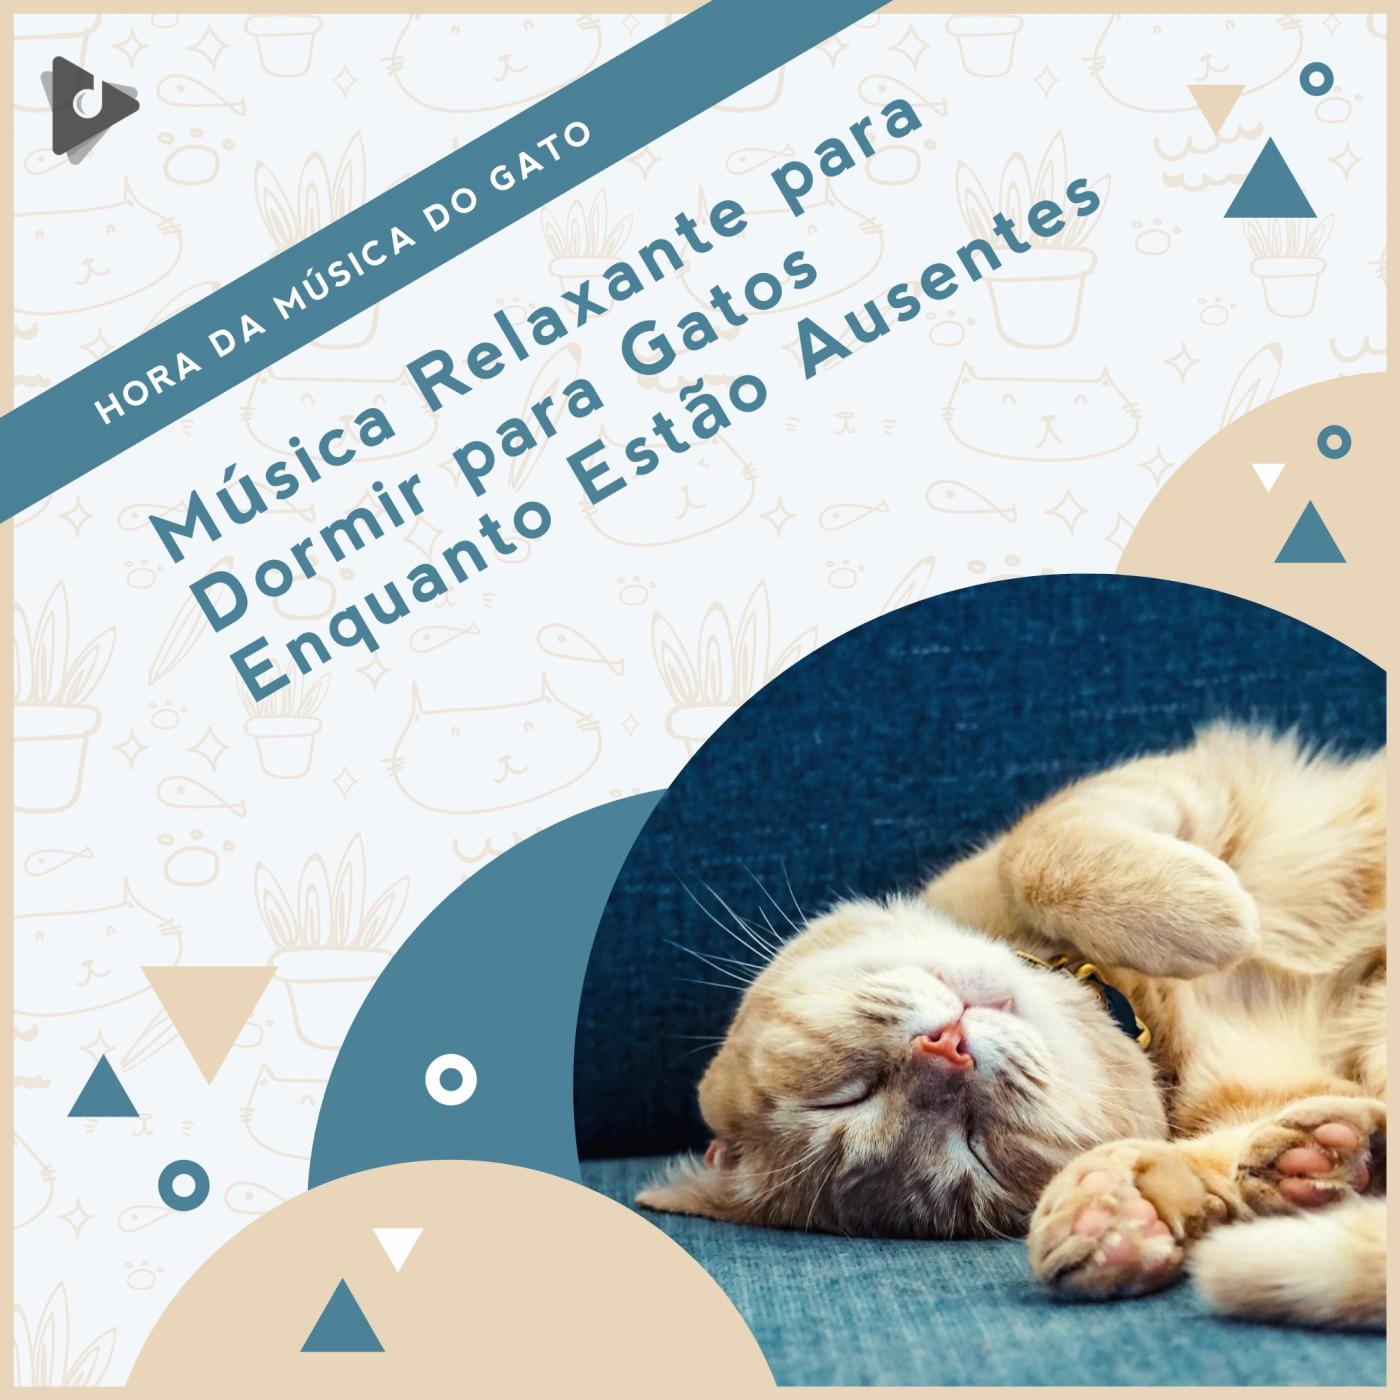 Música Relaxante para Dormir para Gatos Enquanto Estão Ausentes